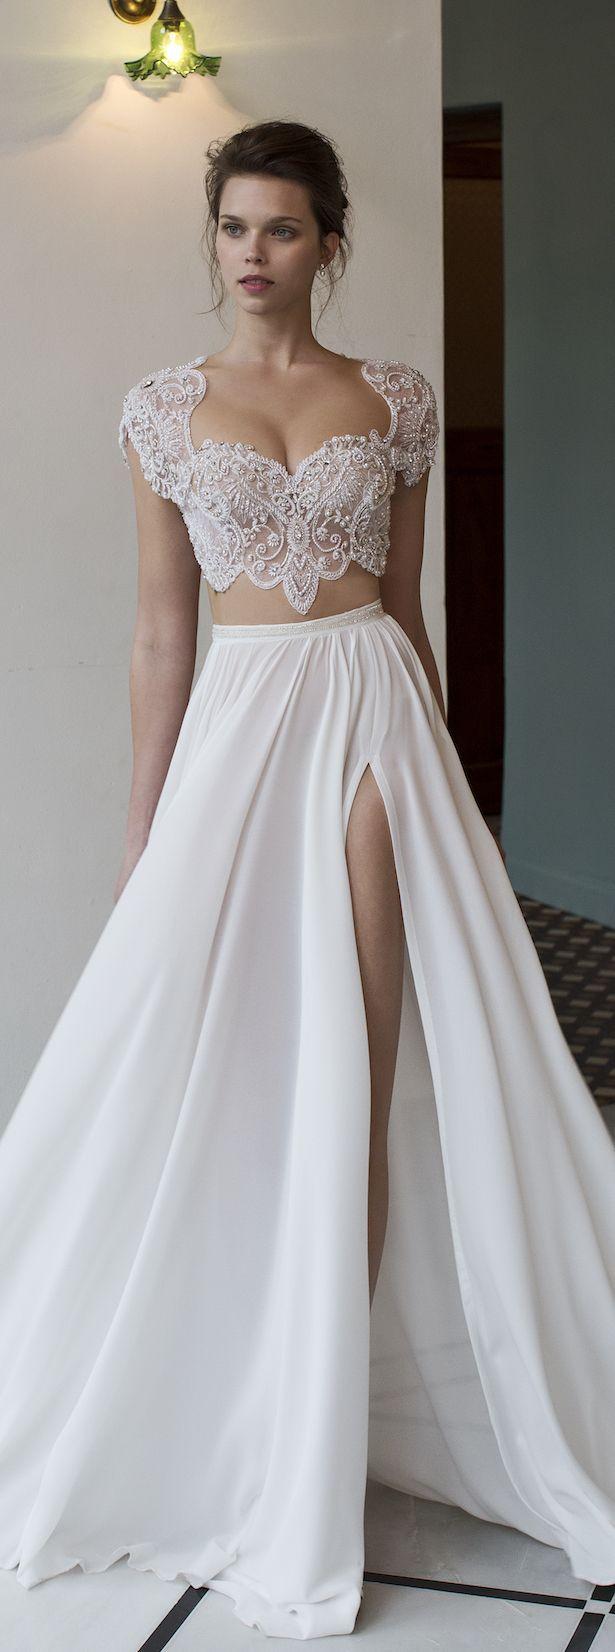 les plus belles robes de mariée 075 et plus encore sur www.robe2mariage.eu